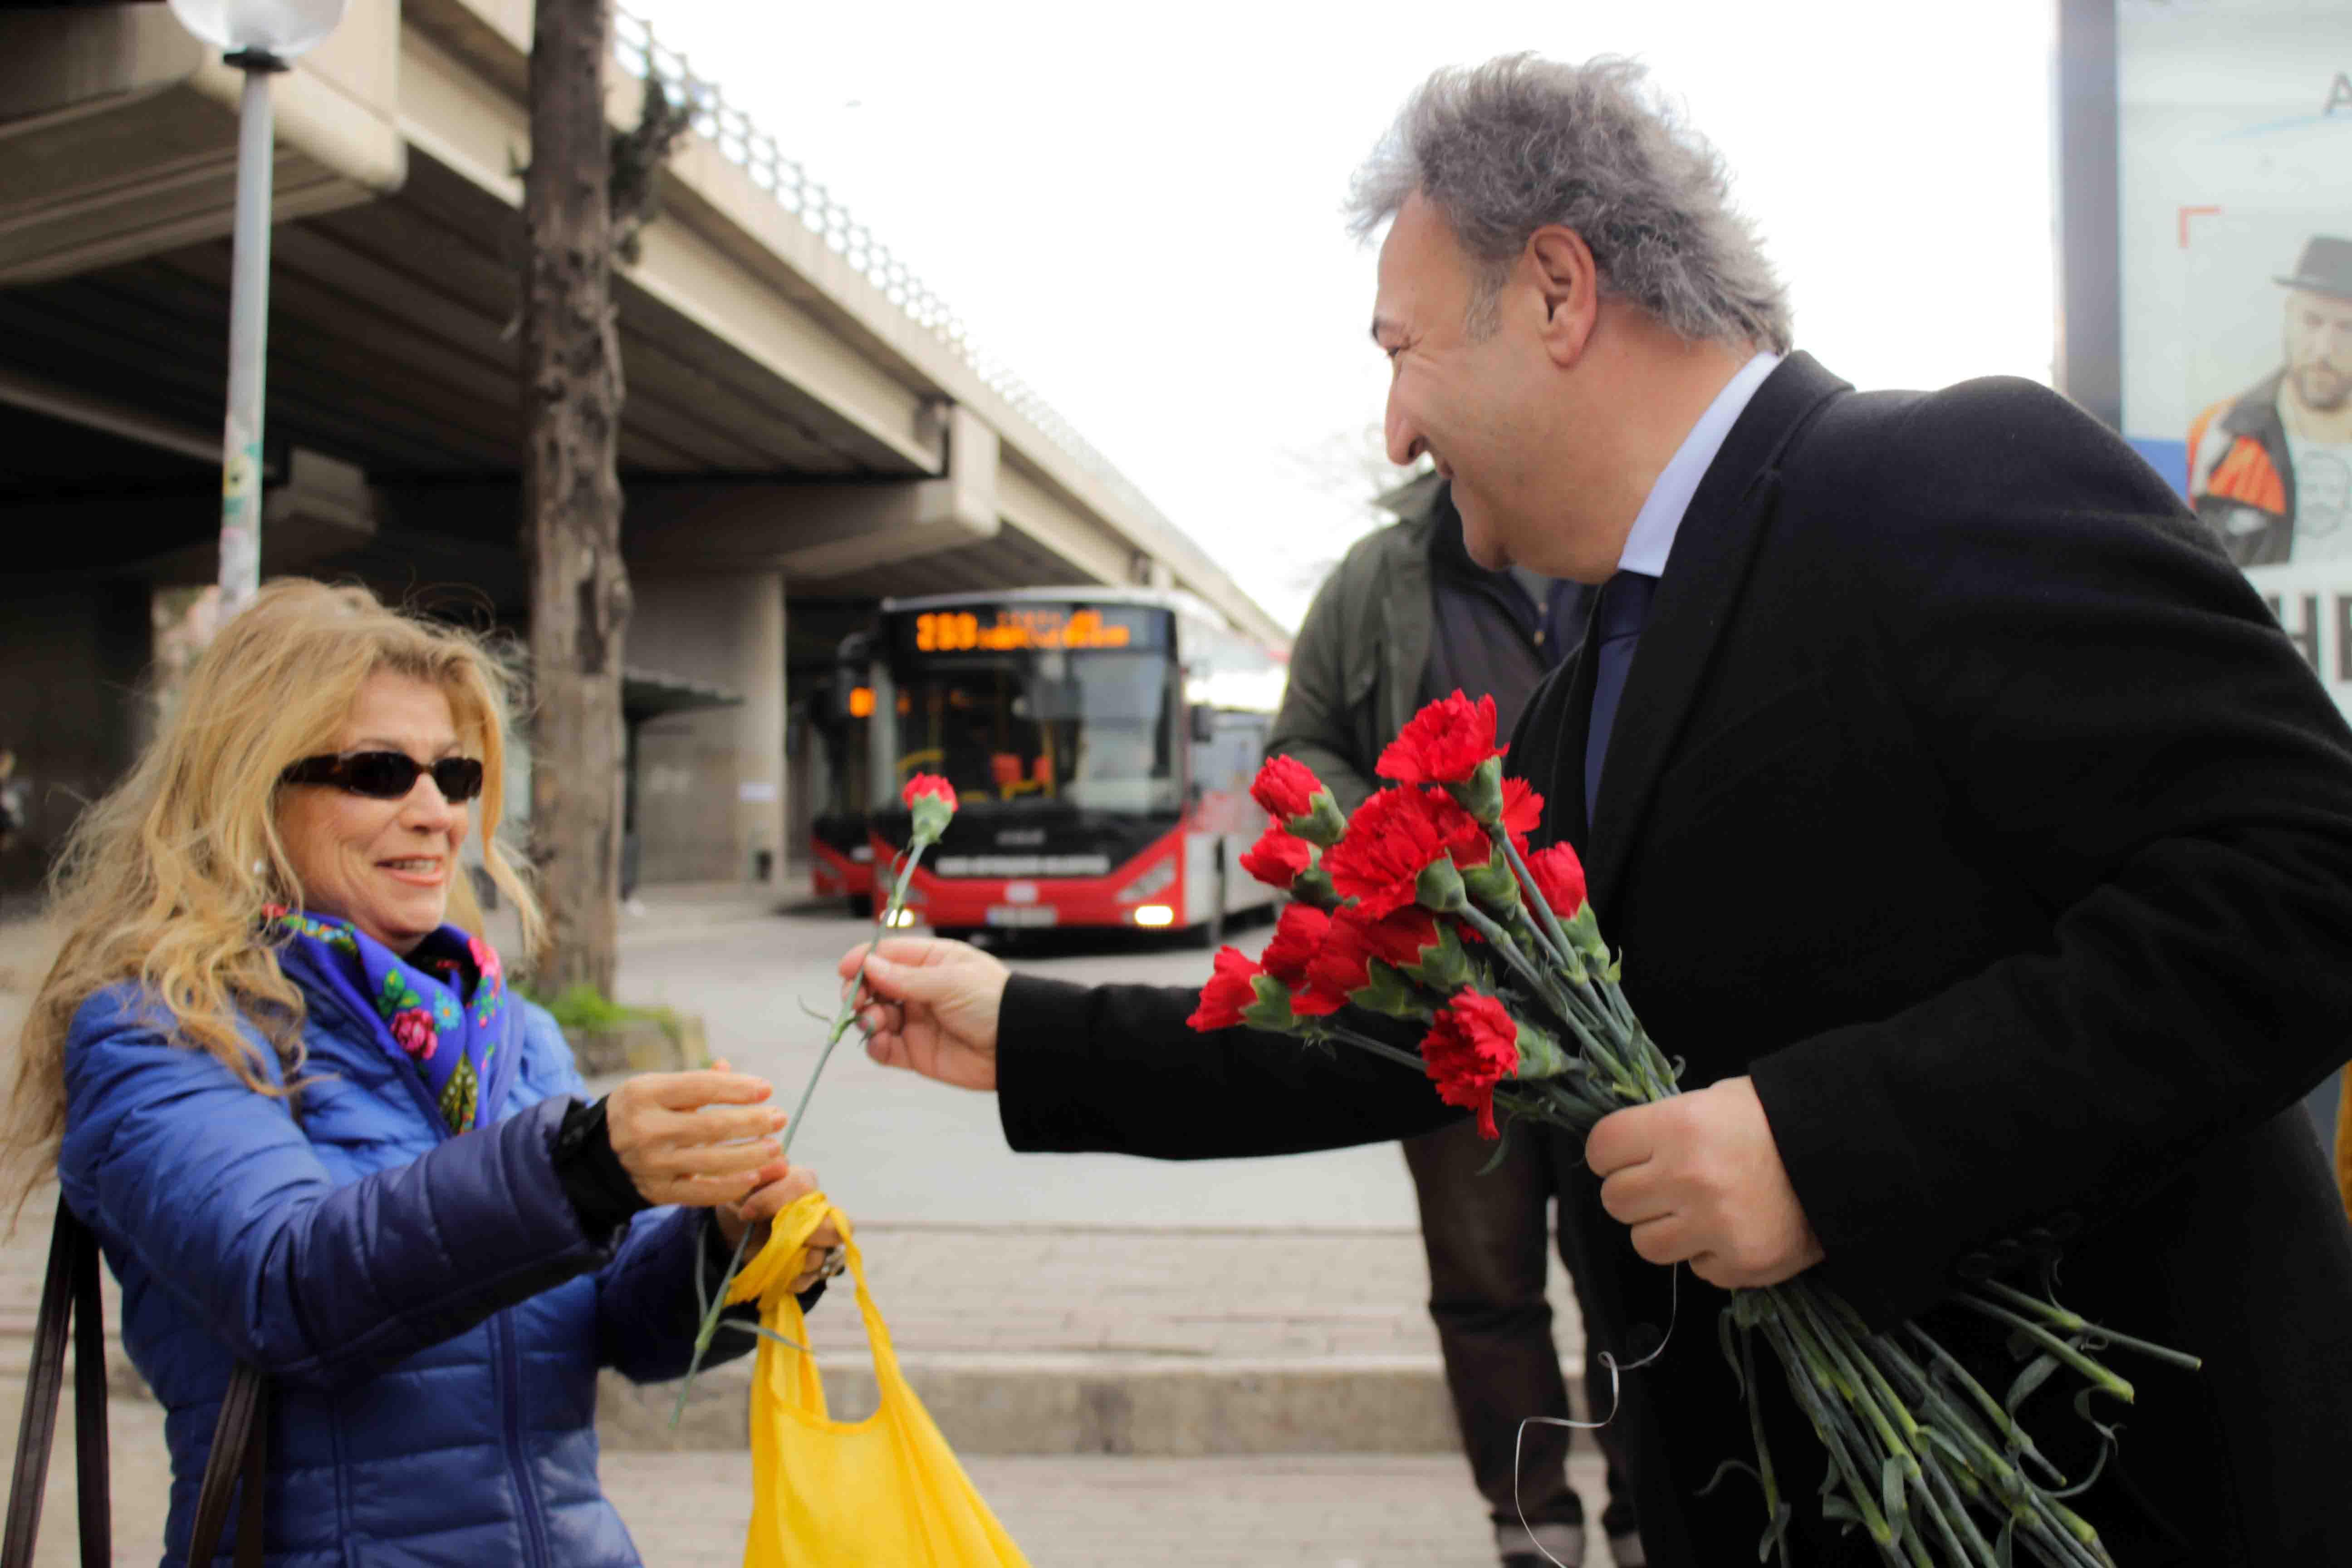 İduğ'dan 'Küçük Park'ta sevgililer günü sürprizi